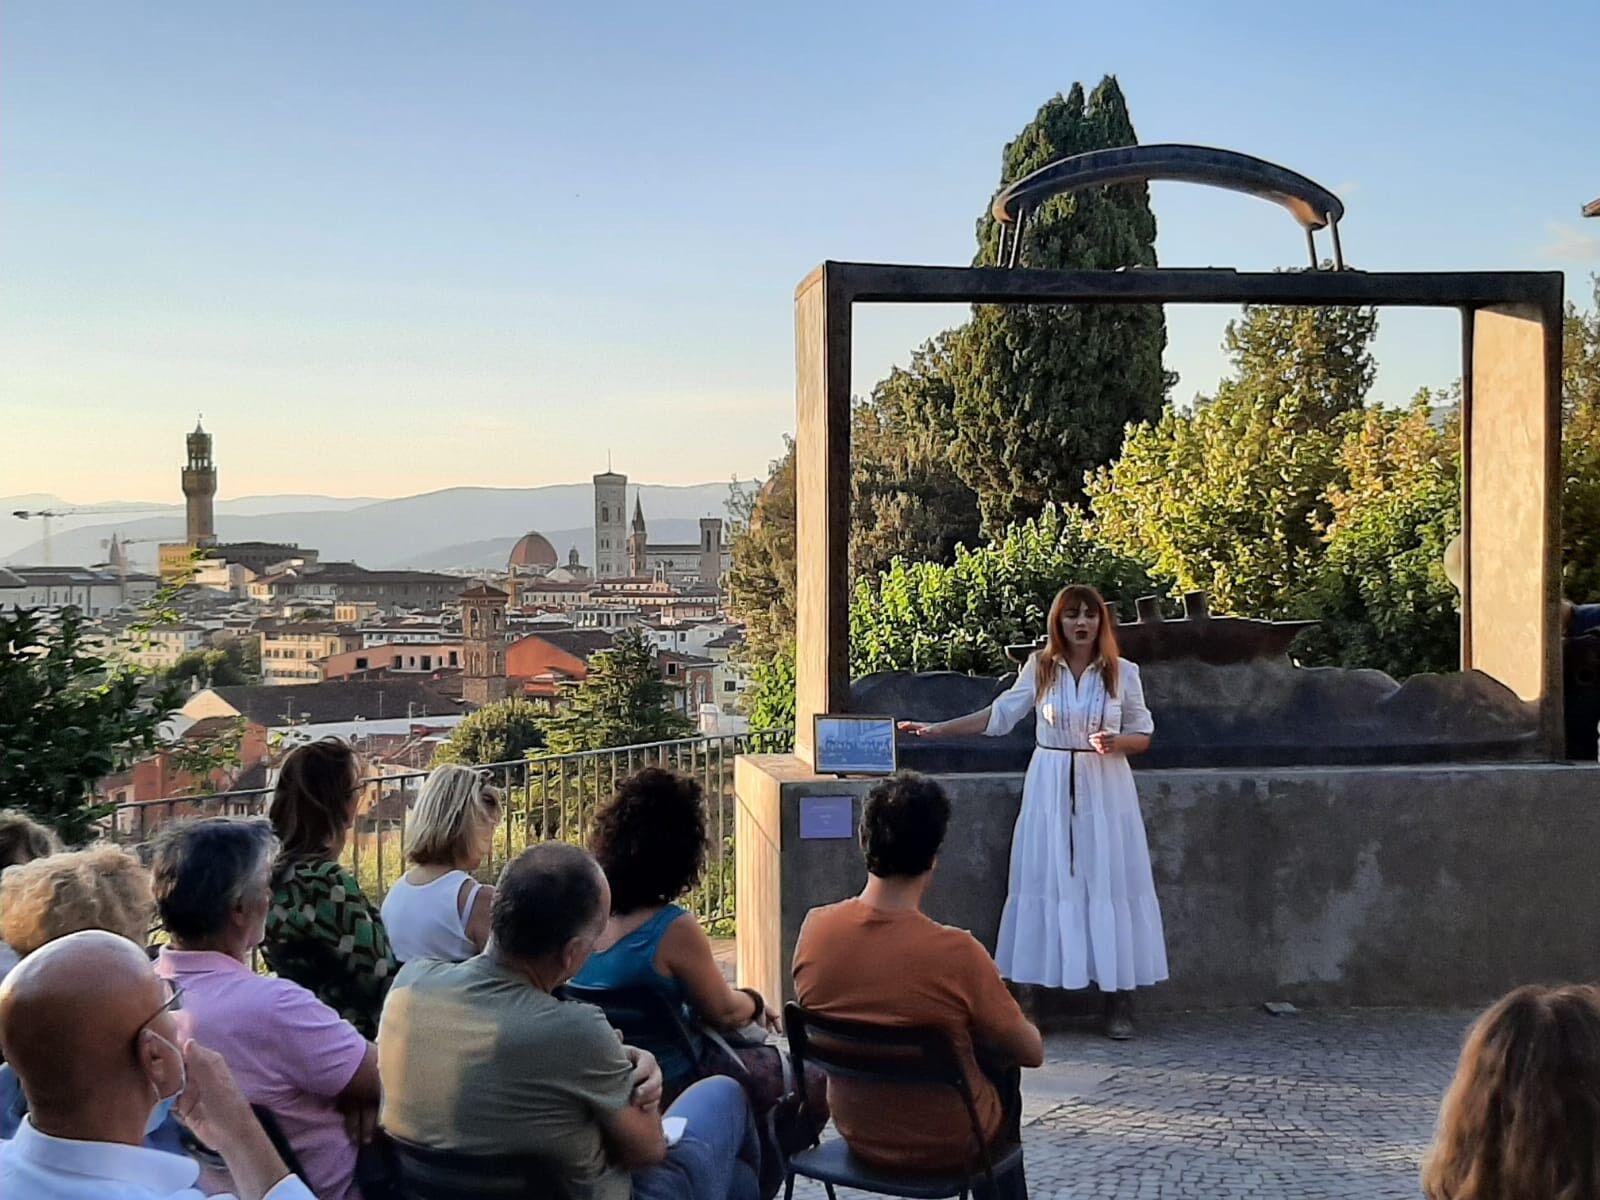 Una serata con il mio MONOLOGO QUANTISTICO pazzesca, guardando tutta Firenze dall'alto…